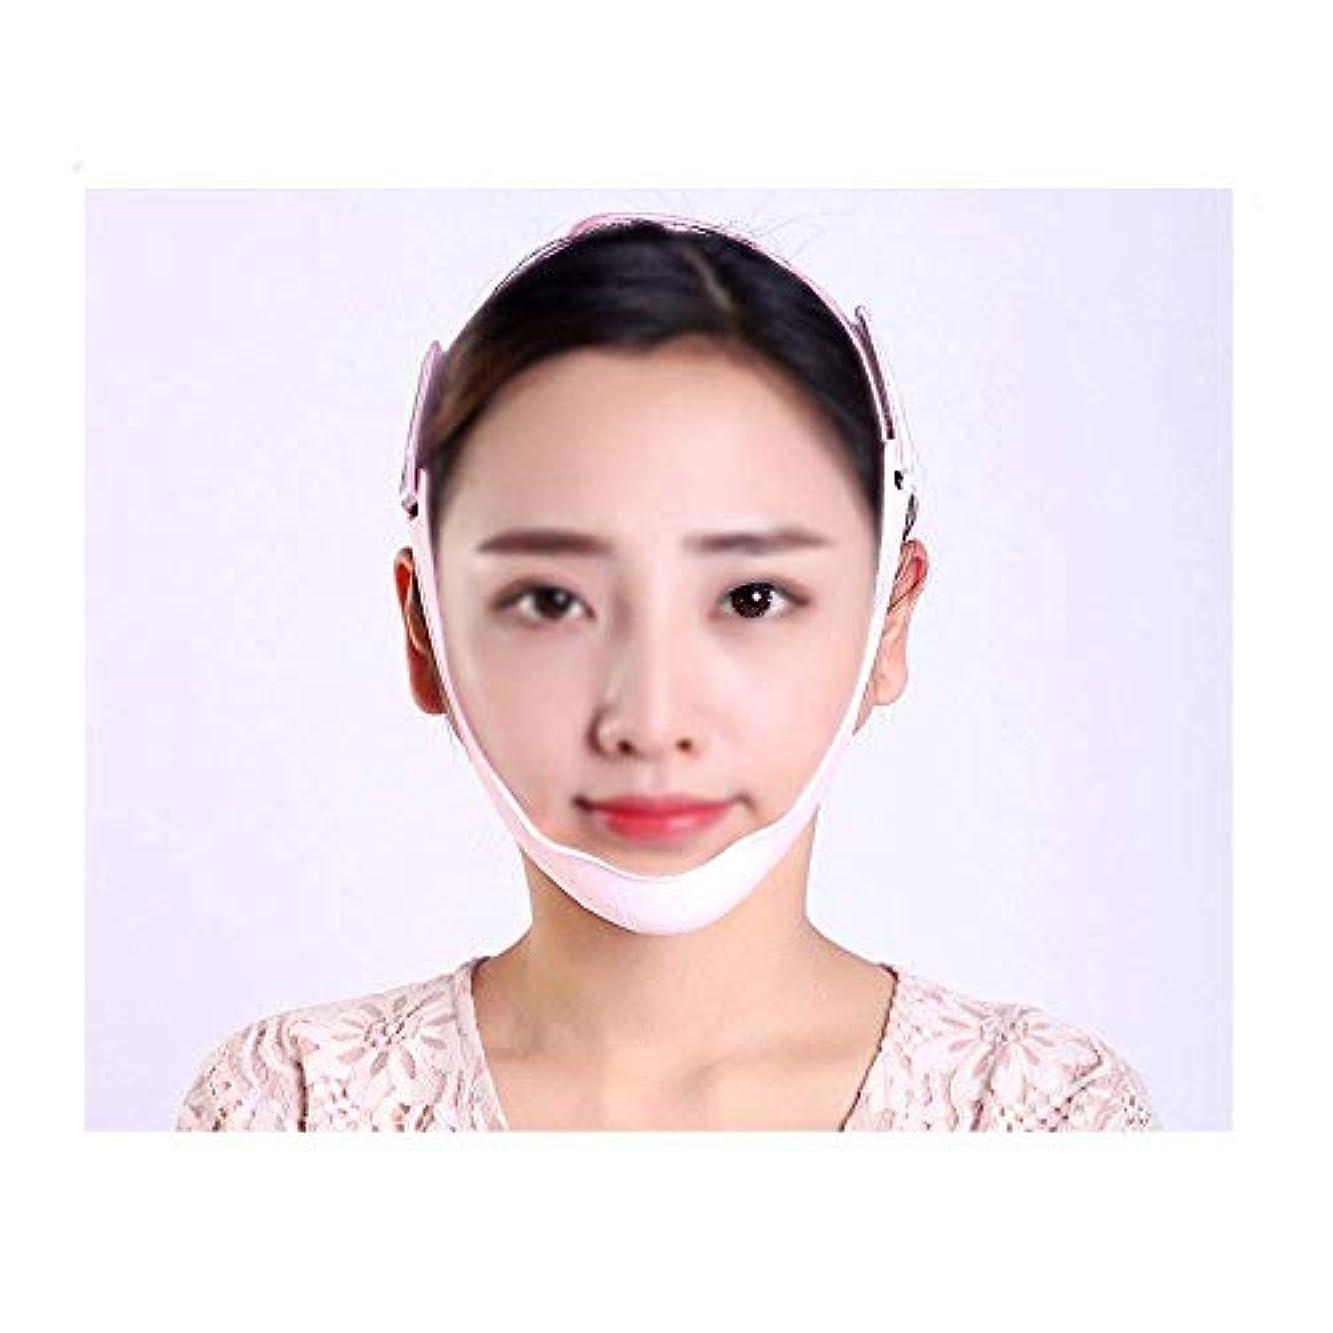 日常的に北米動詞フェイシャルリフティングマスク、リフティングフェイシャルファーミングアーティファクト/マッサージ器薄い顔の包帯/通気性ダブルチンスリミングマスク